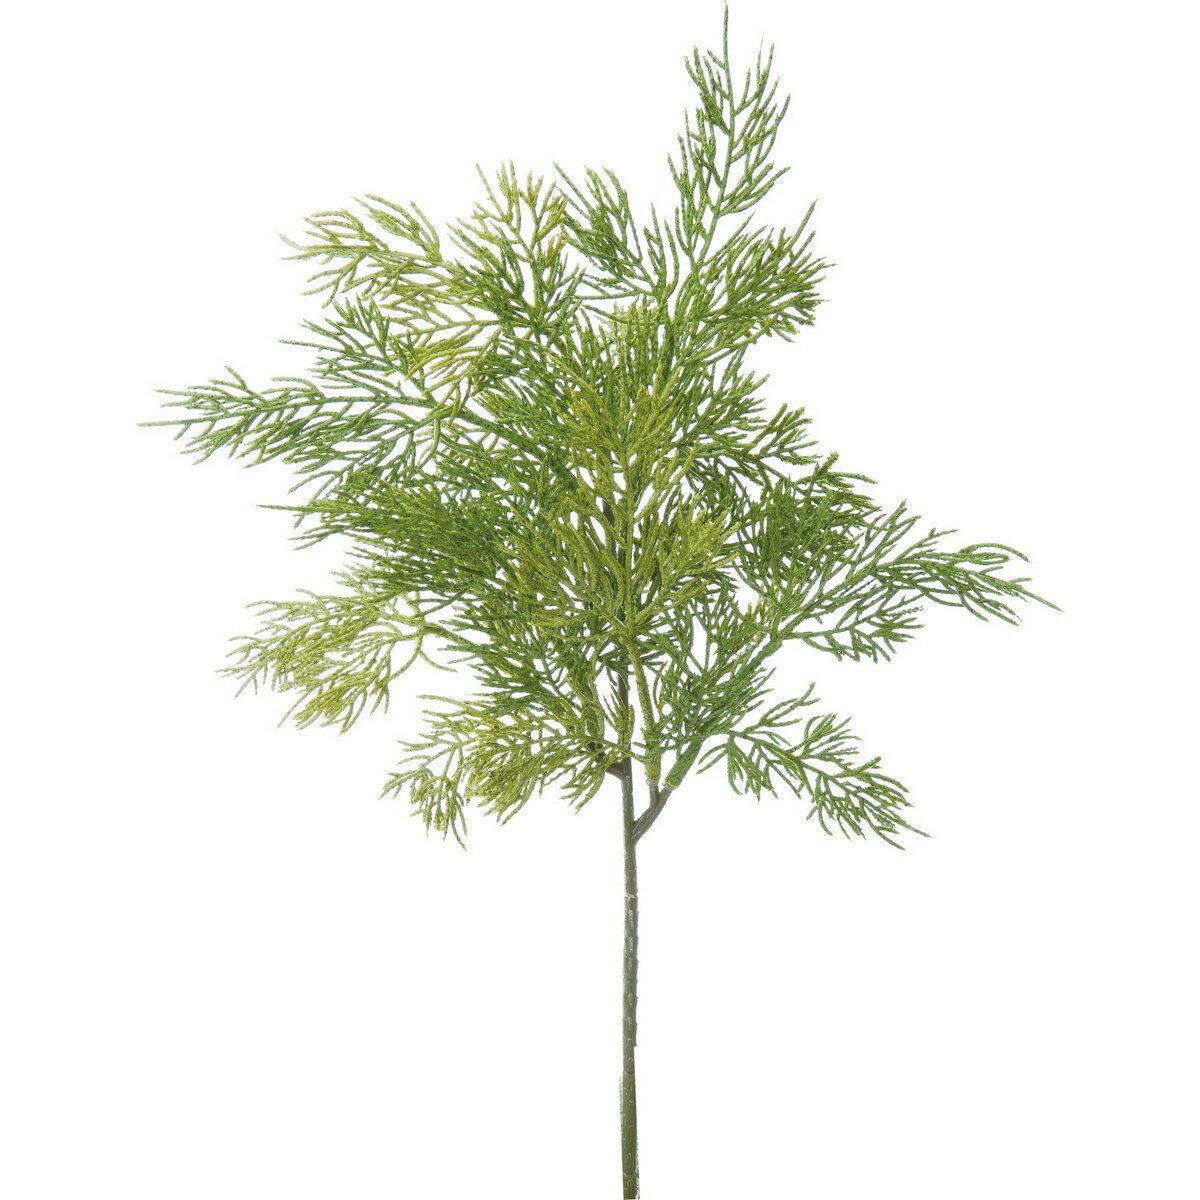 【造花】YDM/ゴールドクレストブランチ グリーン/FG-4834-GR【01】【取寄】《 造花(アーティフィシャルフラワー) 造花葉物、フェイクグリーン ファーン 》